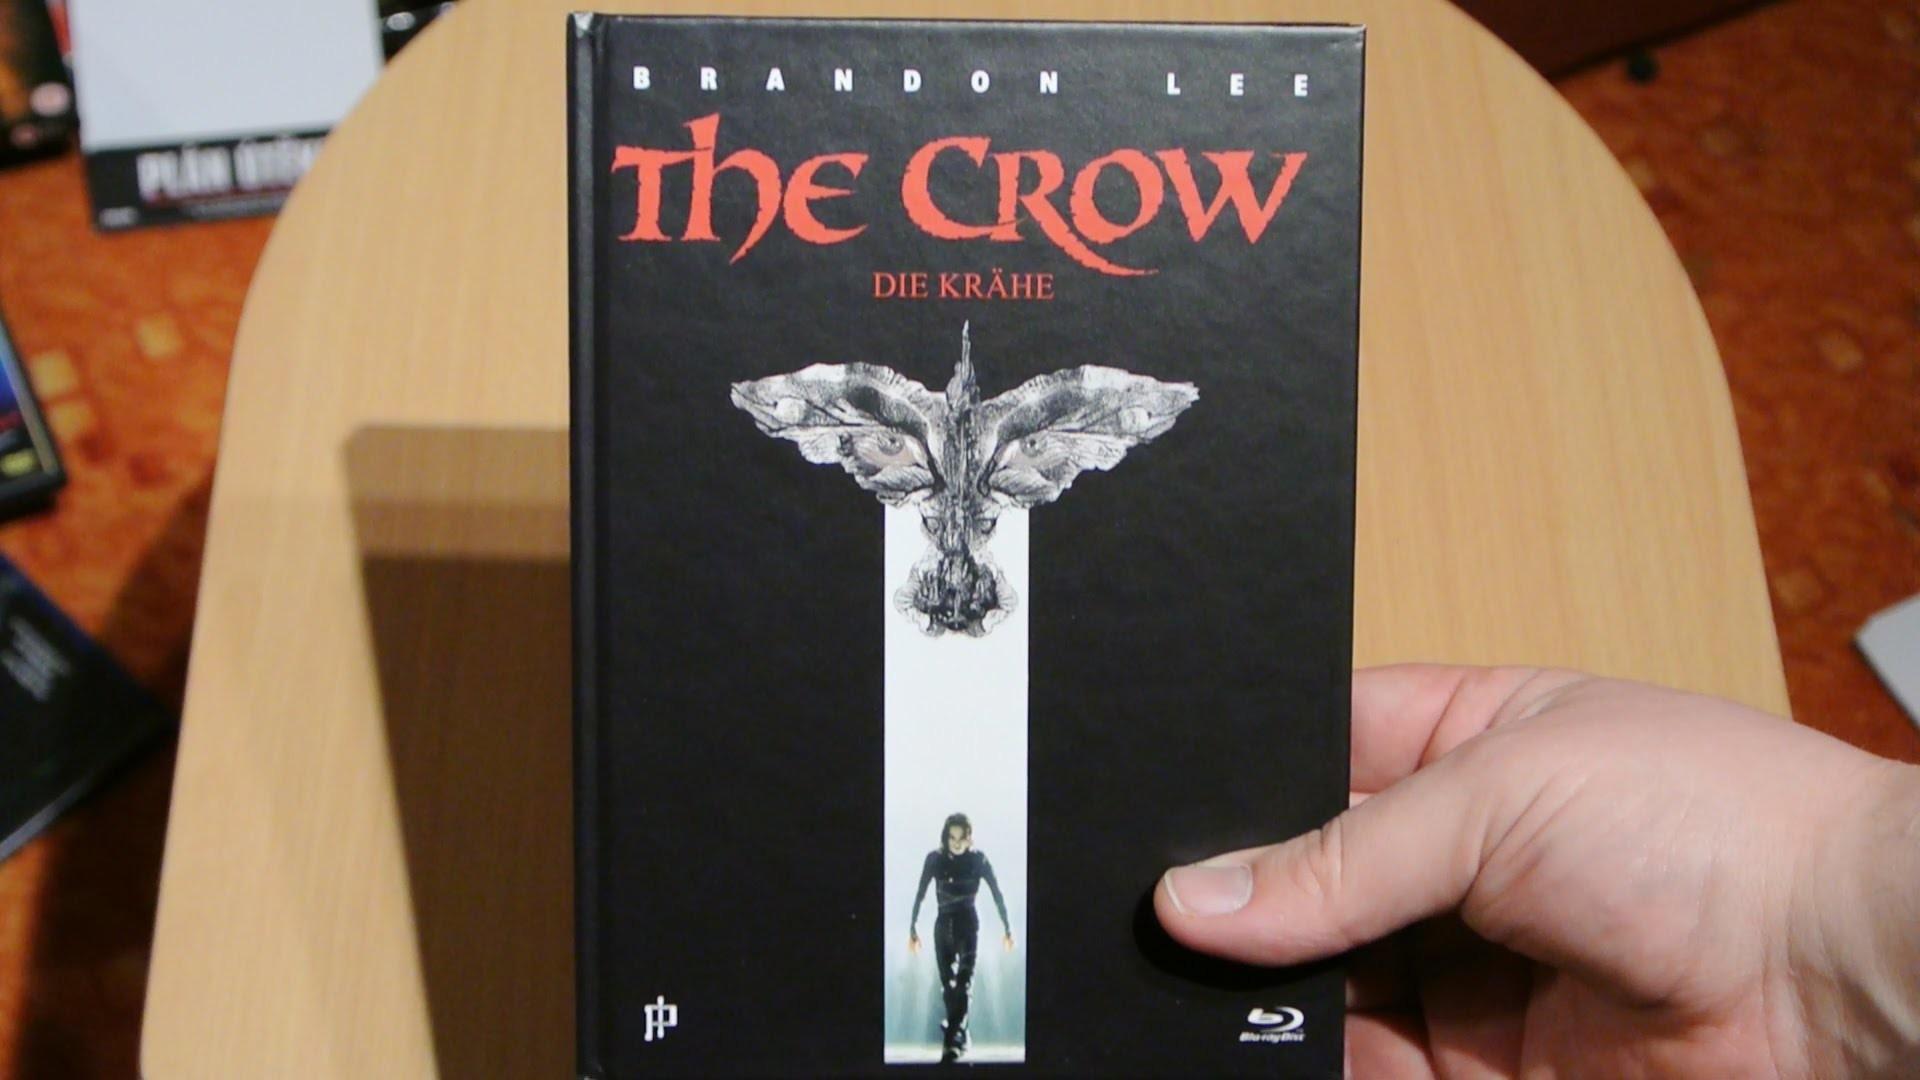 THE CROW (Die Krähe) Mediabook Blu-Ray Inked Pictures Brandon Lee Unboxing